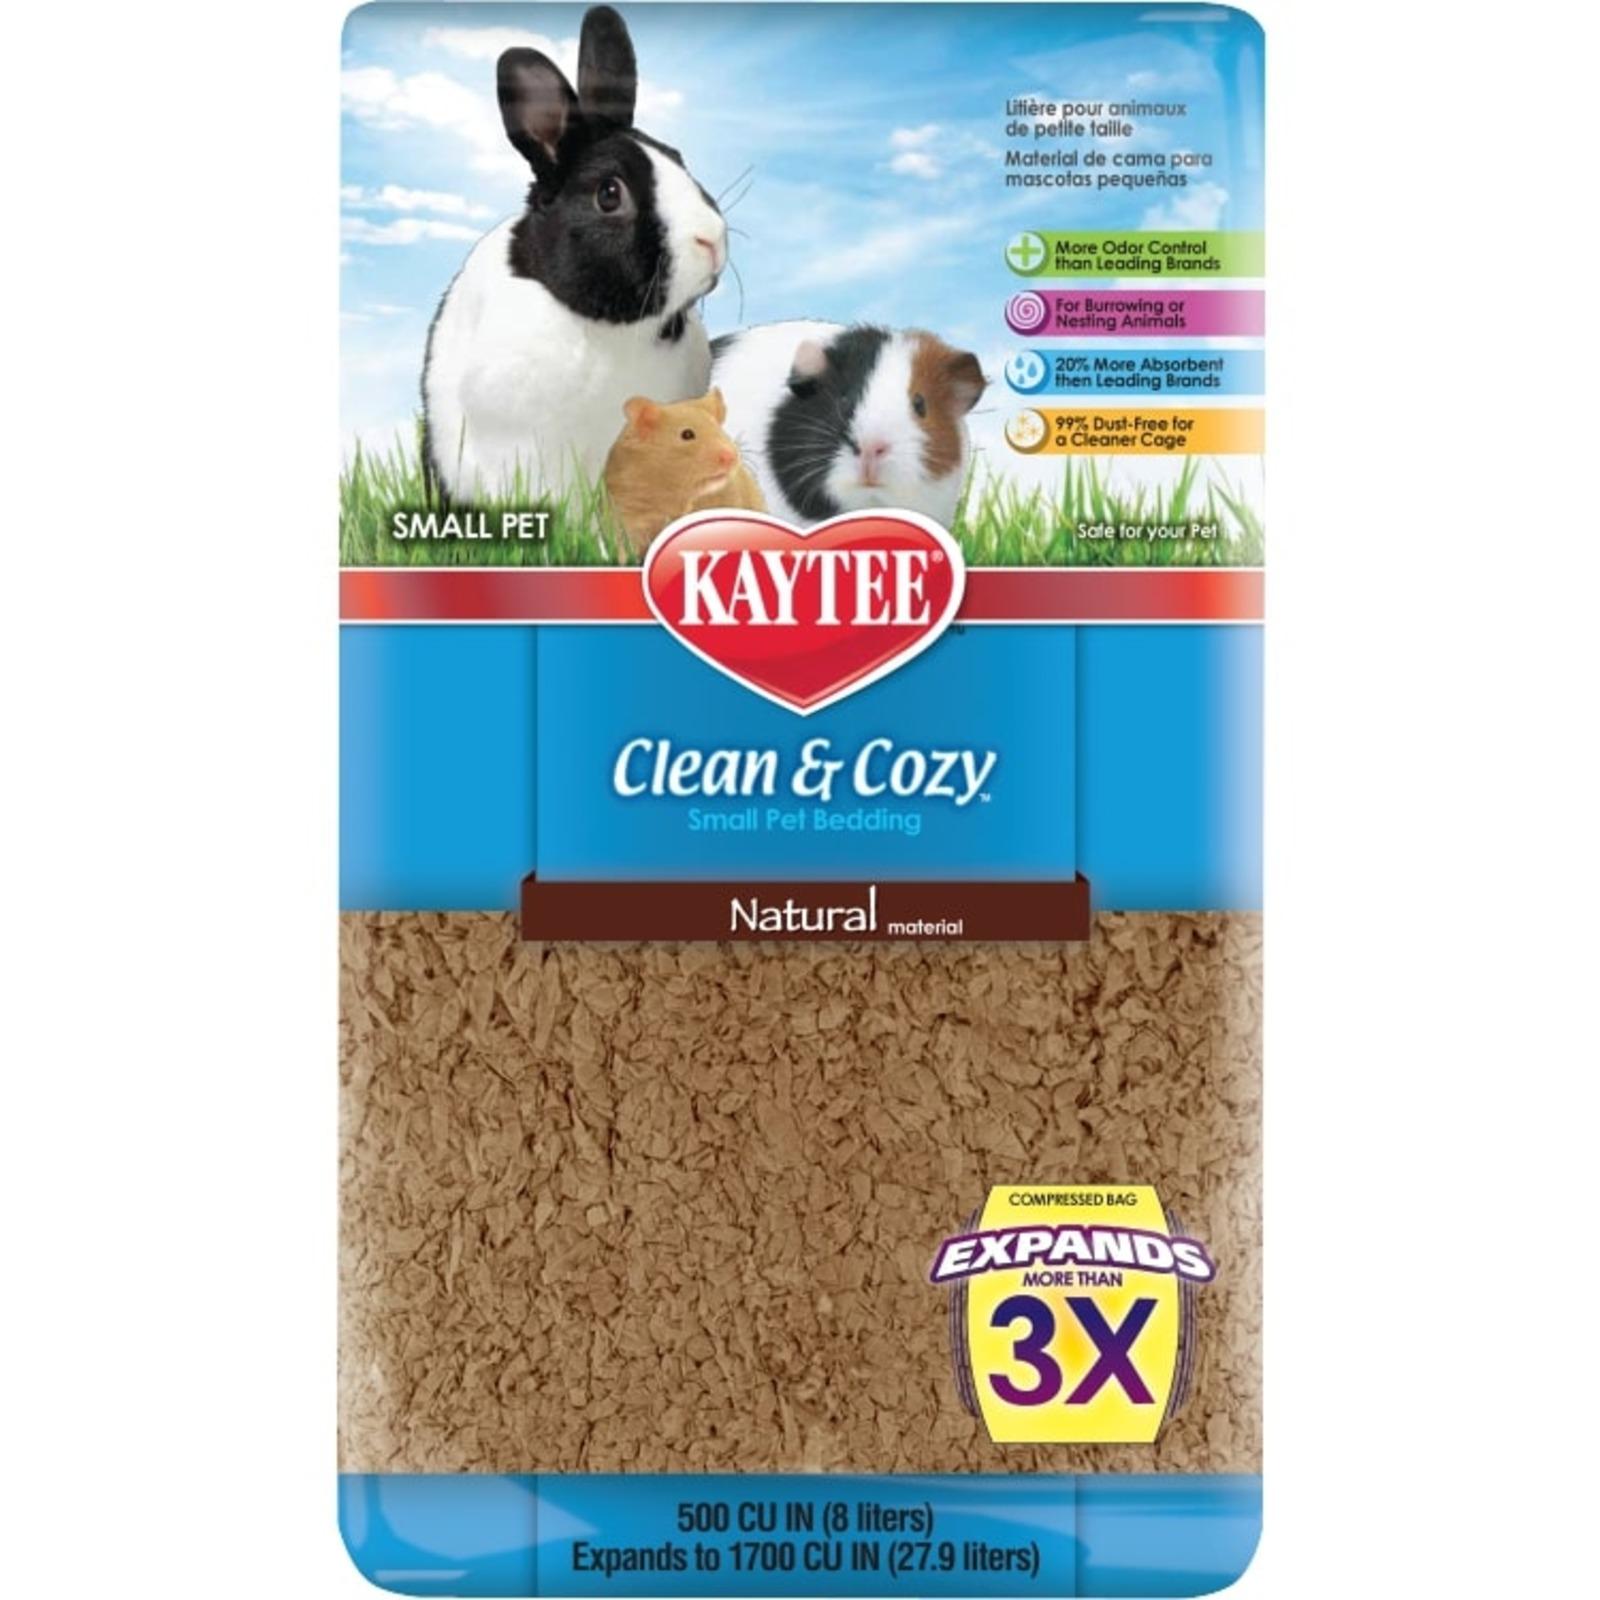 Kaytee Clean & Cozy Natural 500Cu In (8L)